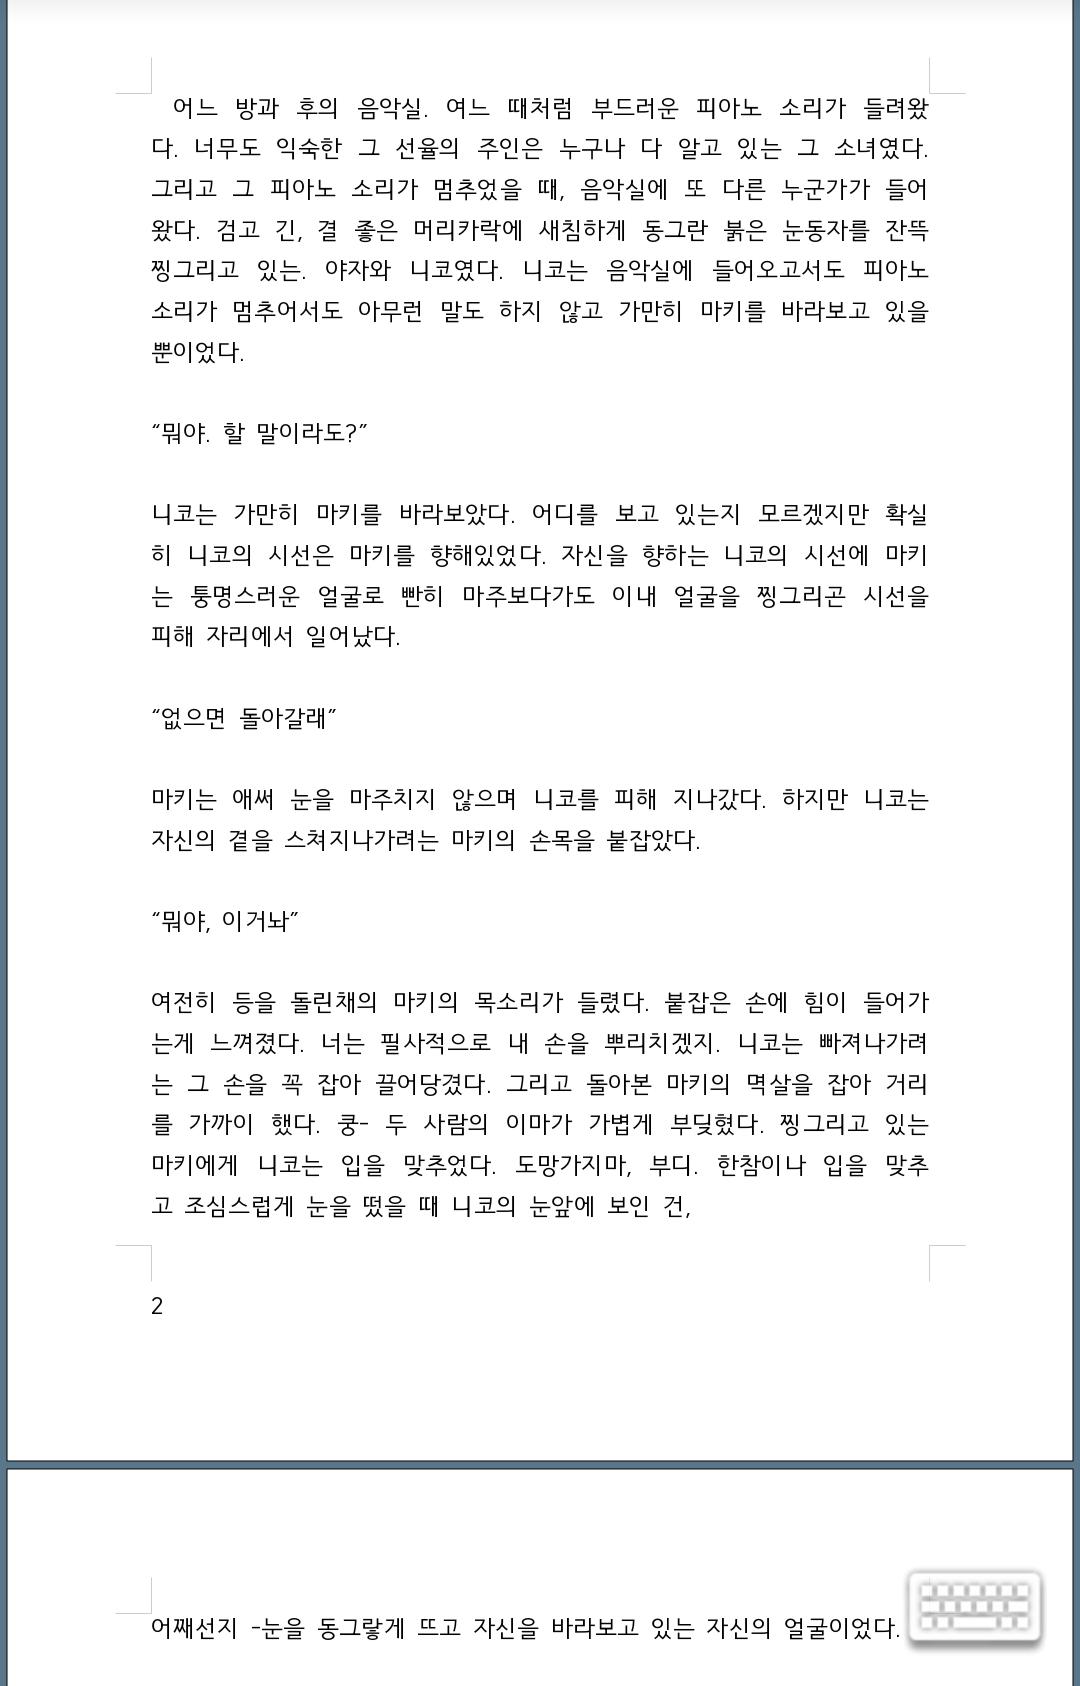 오마뮤 러브라이브 온리전 소설회지 참가!